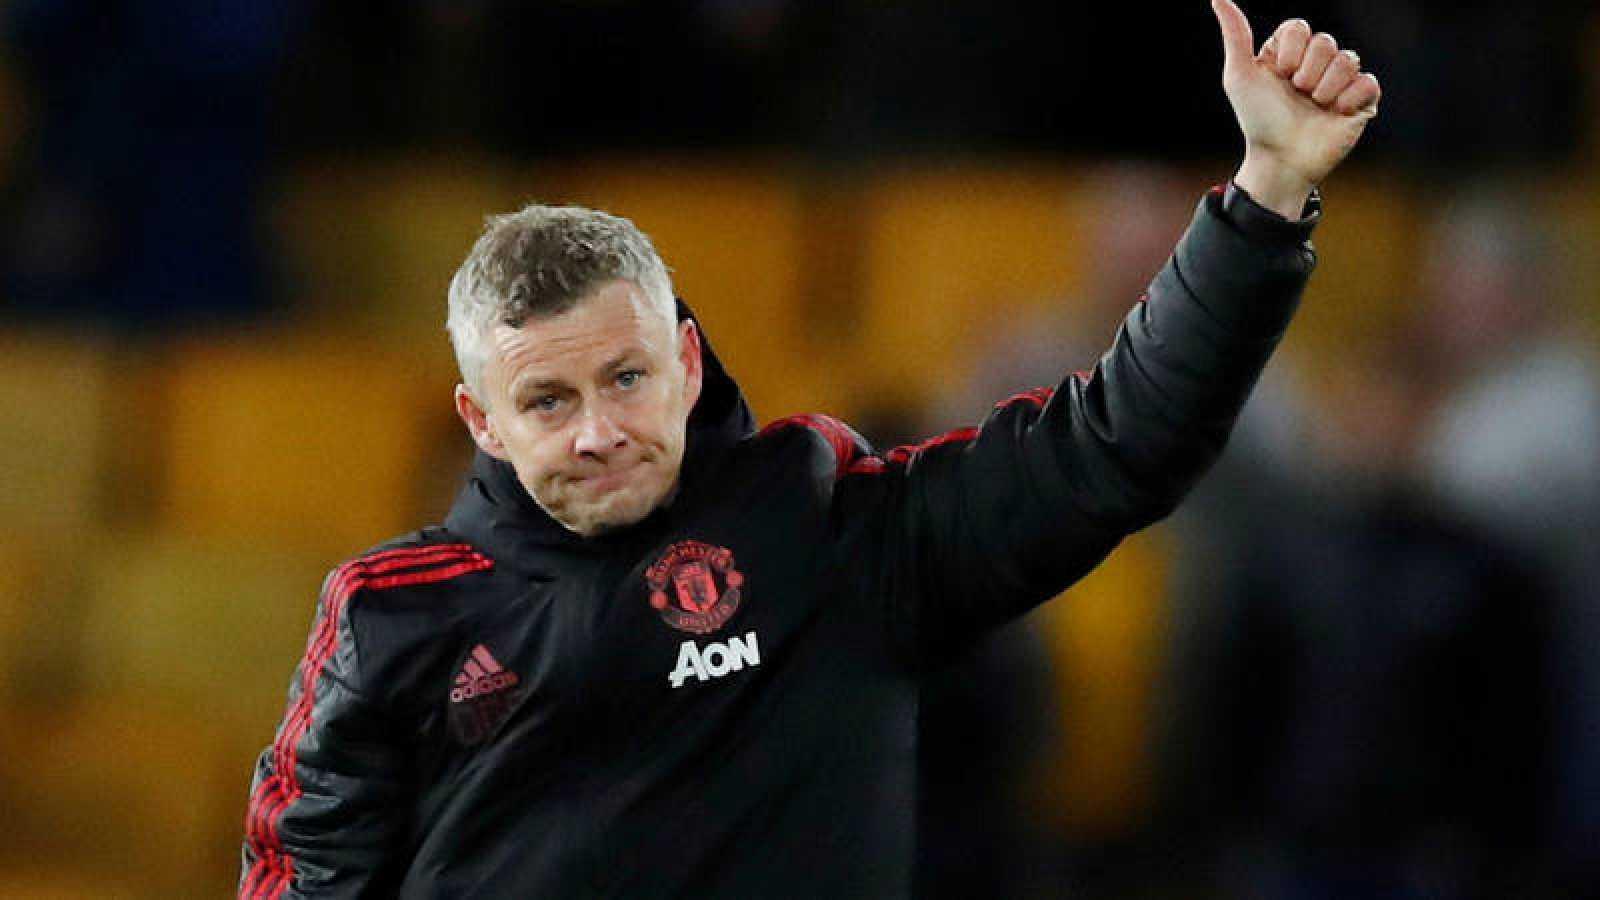 El técnico del Manchester United, Ole Gunnar Solskjaer, saluda tras un partido.